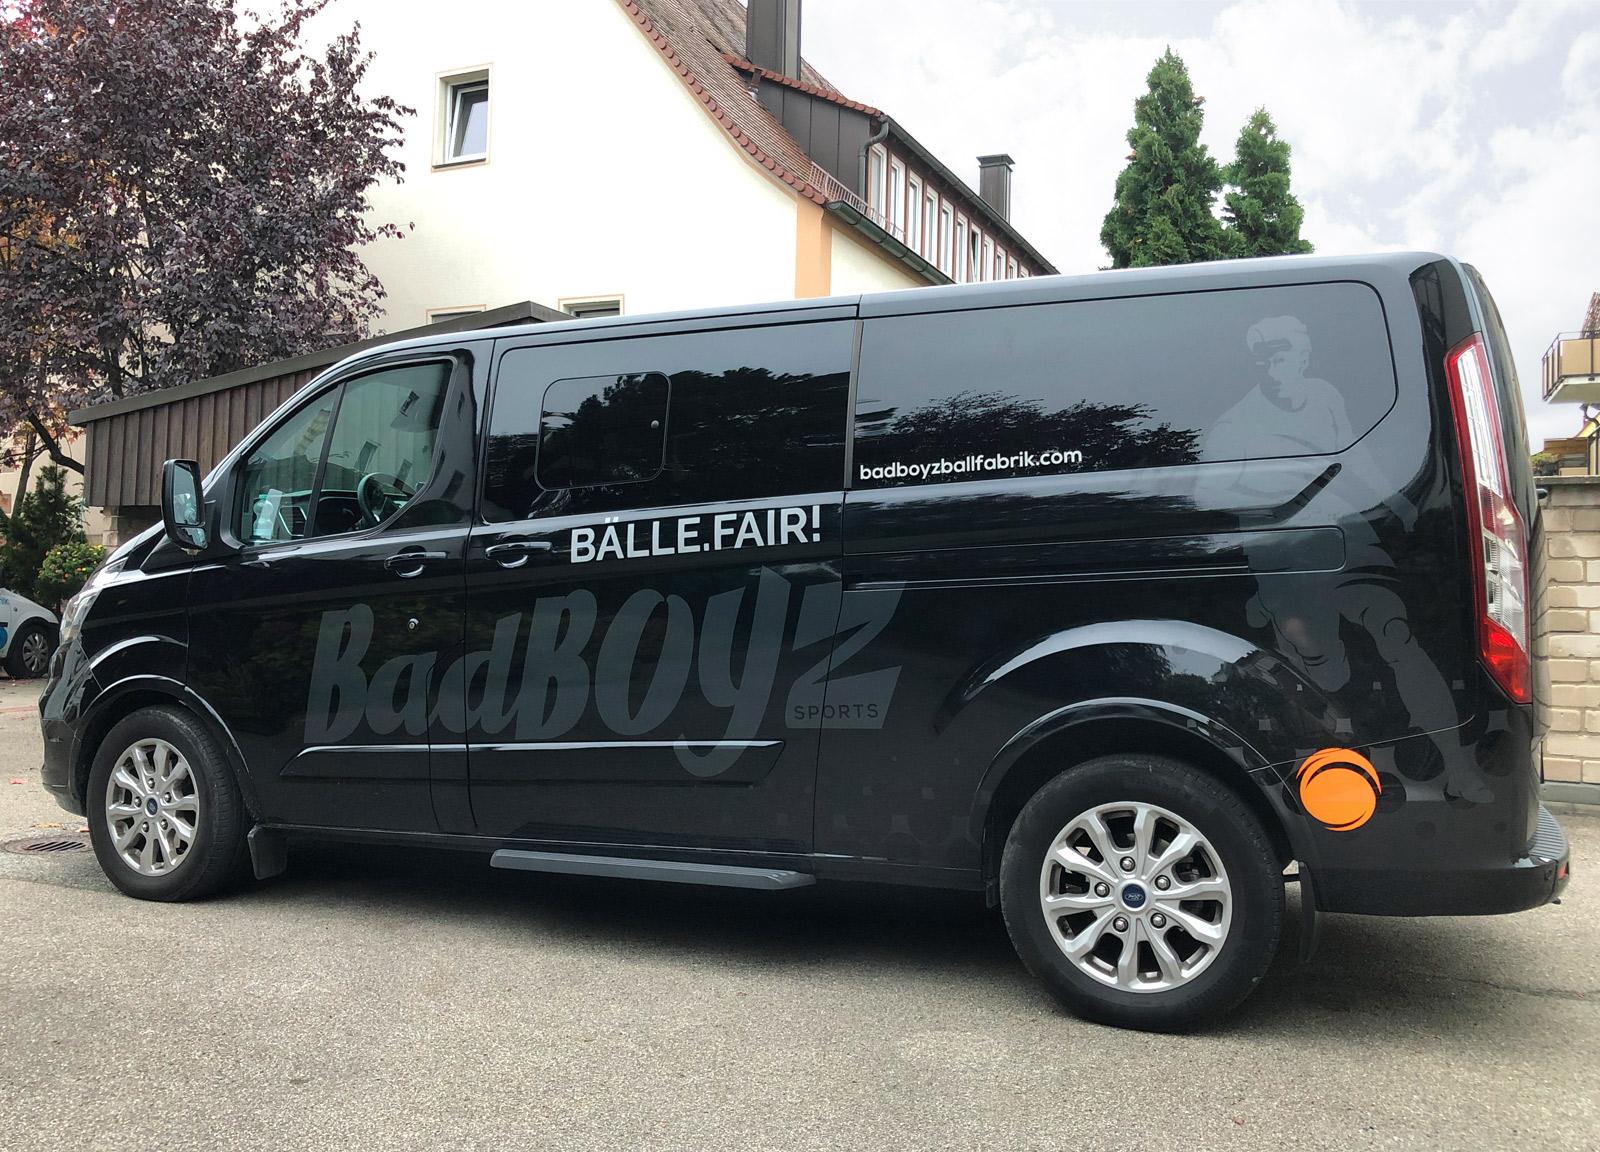 Seitenansicht eines schwarzen Transporters mit einer neuen großflächigen Fahrzeugbeklebung von Badboyz Ballfabrik